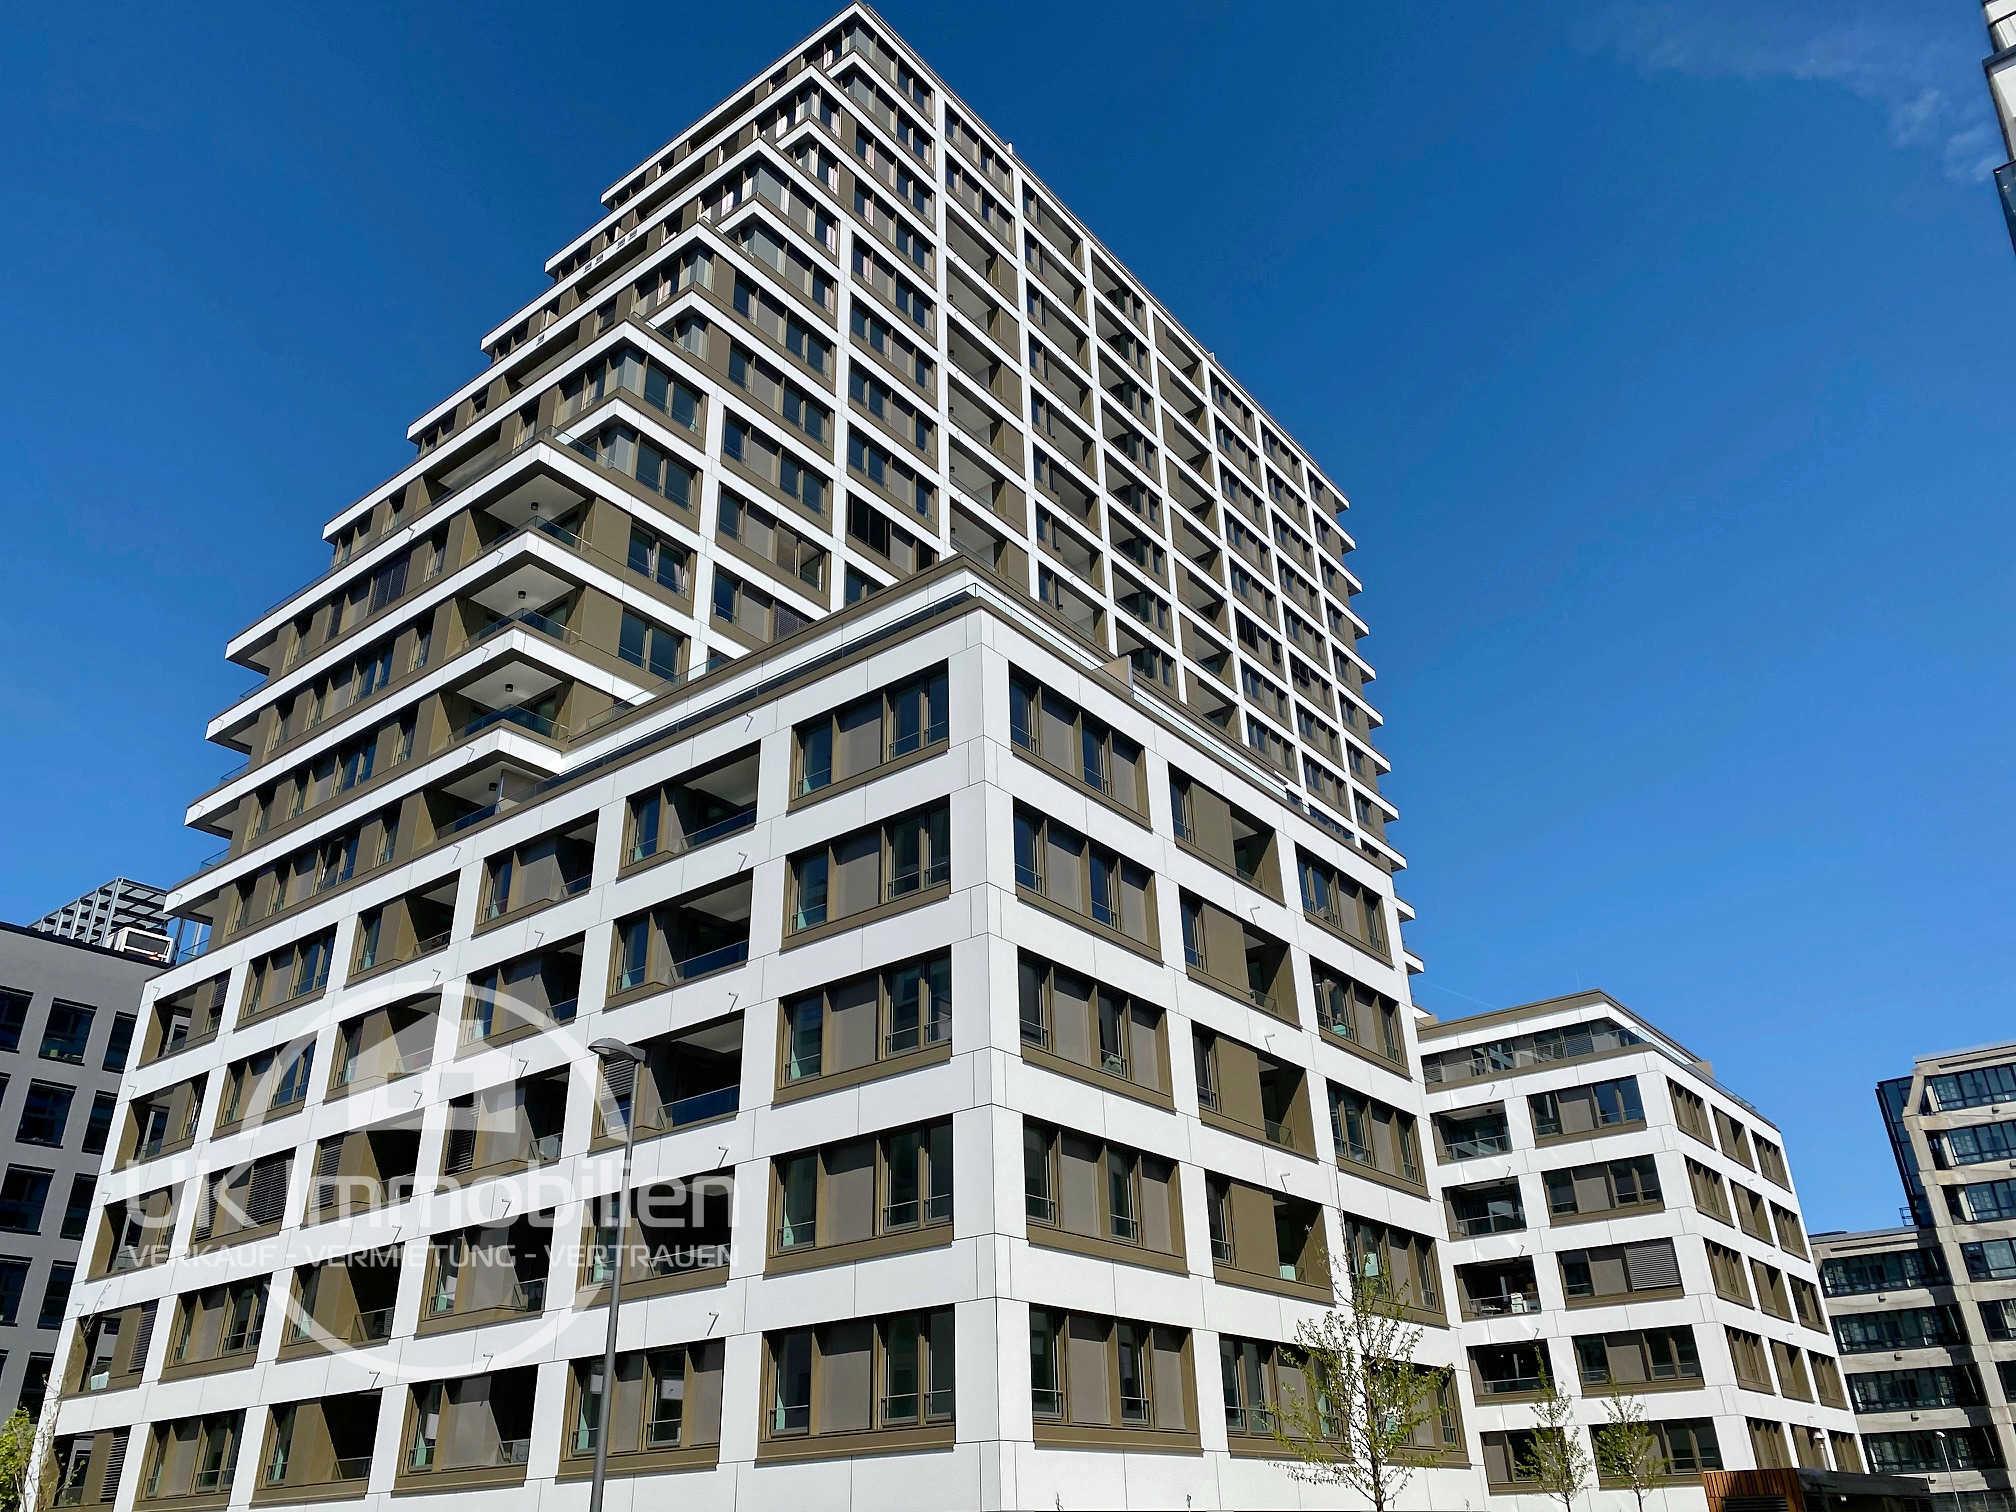 Immobilienmakler-Frankfurt-Europaviertel, Niedernhausener-Strasse 13, SOLID-HOME